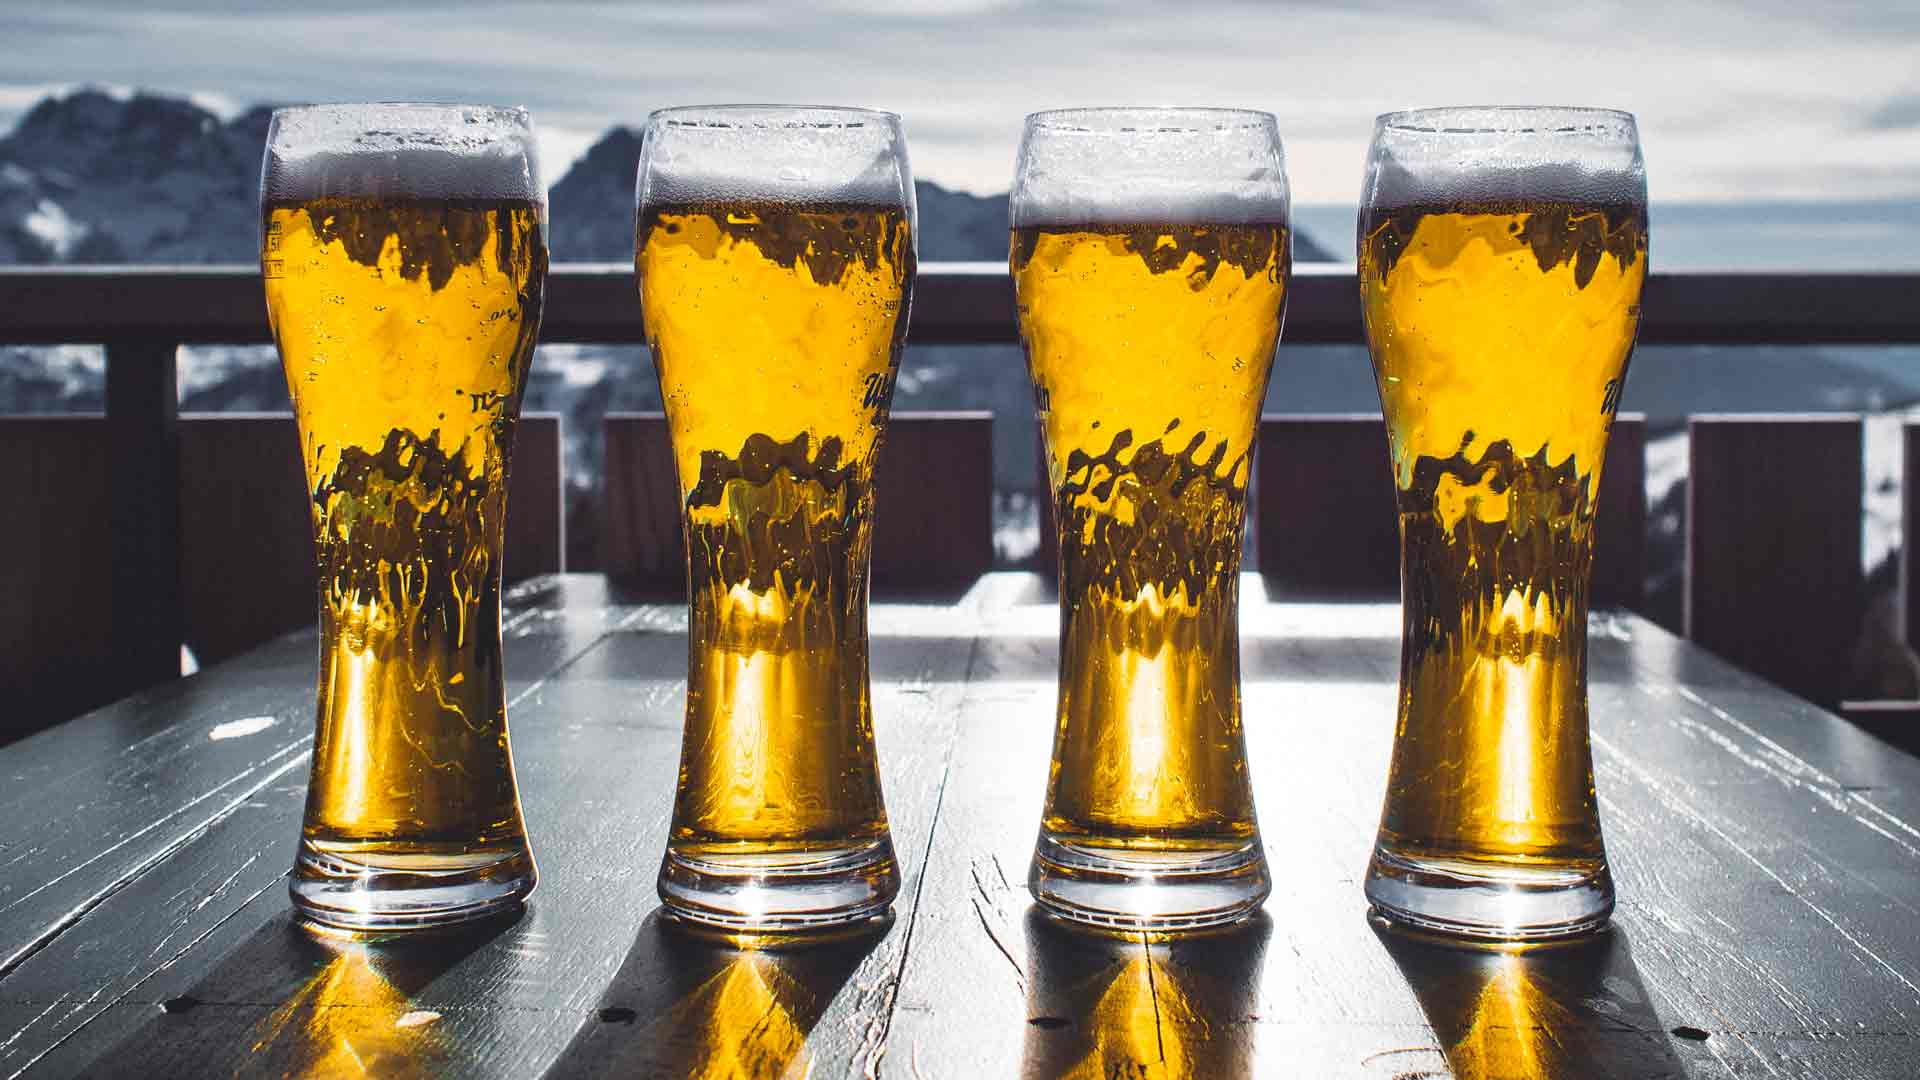 Los-diferentes-nombres-para-pedir-cerveza-en-España-1920